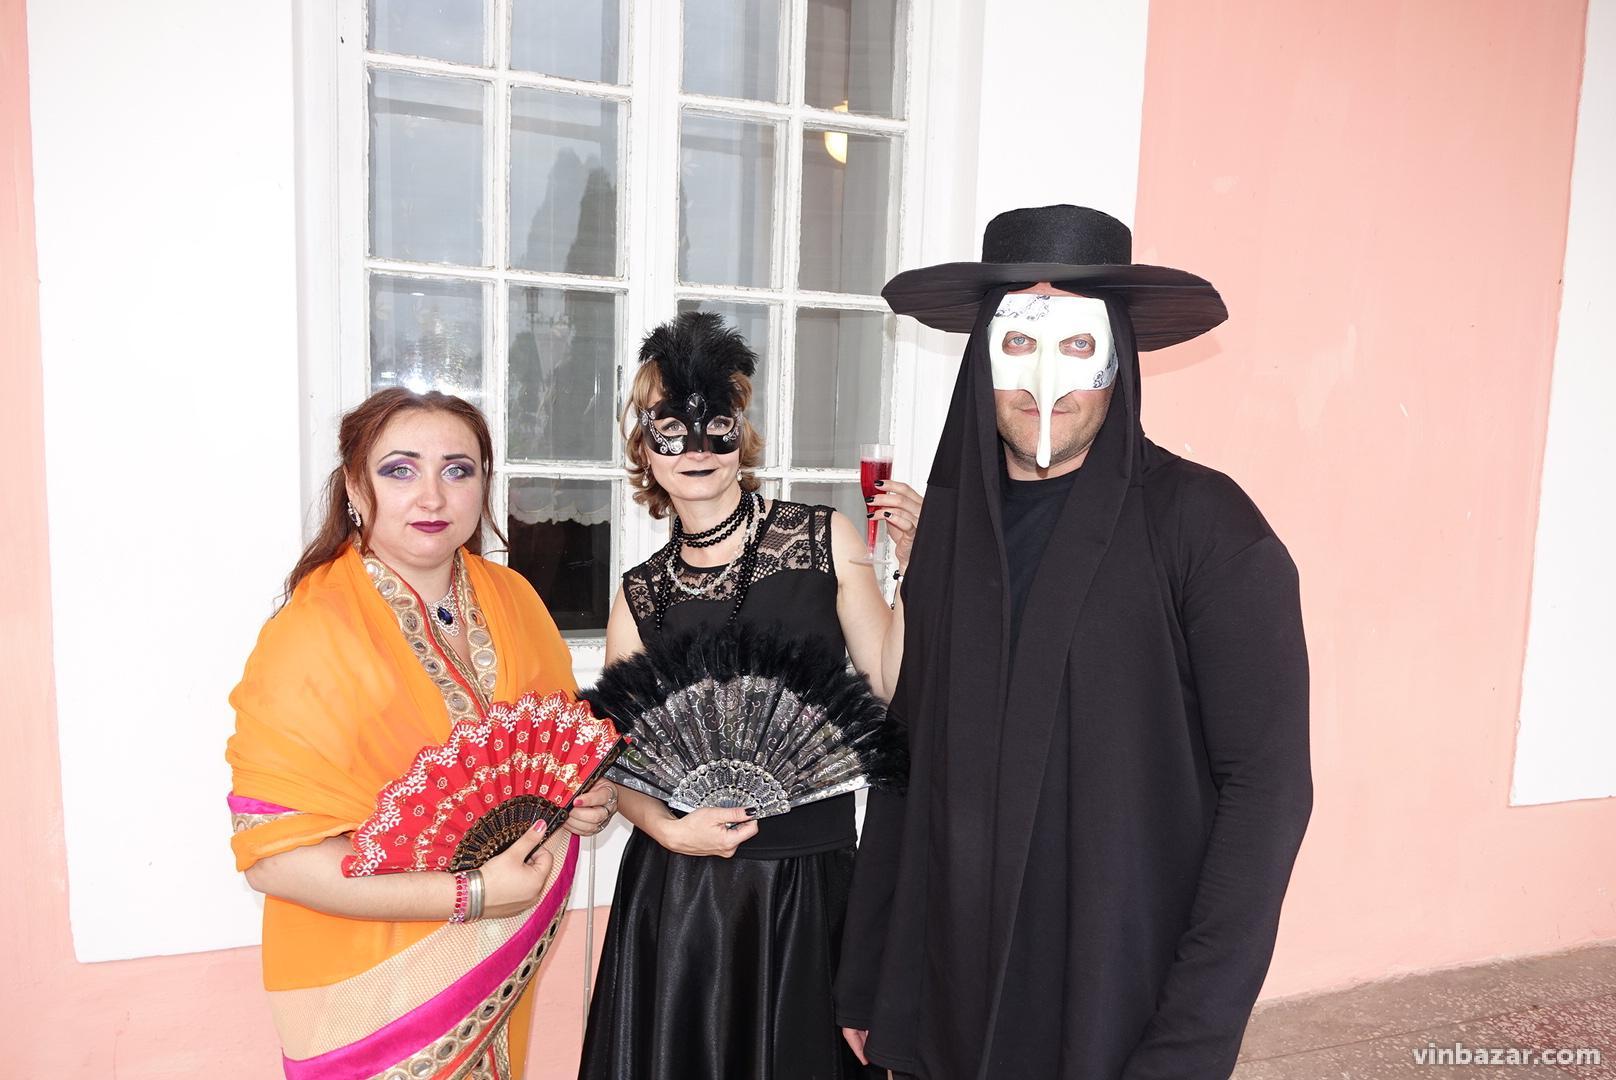 У Тульчині відкрили другий оперний фестиваль Operafest-Tulchyn 2018 (Фото)